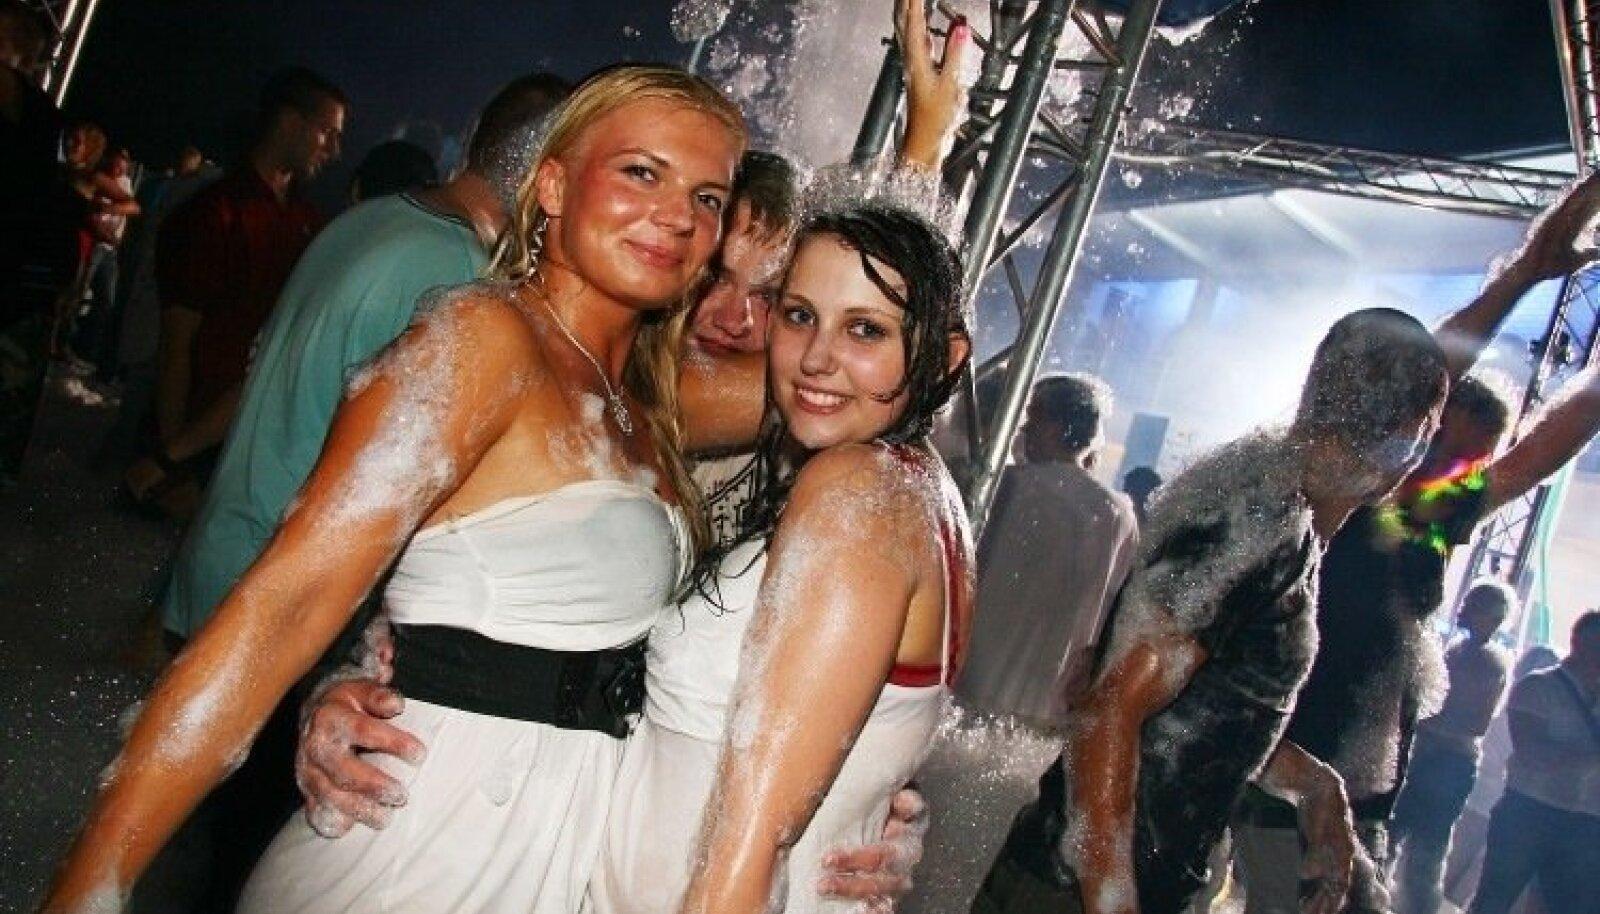 Peosari `Warmduscher` ja lätlaste `Foam Kingdom` lõpetasid vahupidude suvehooaja koos Läti tuntuimate DJ-dega, kelleks on [Ex] da Bass, DJ Beatax ja DJ Crazy Martin.